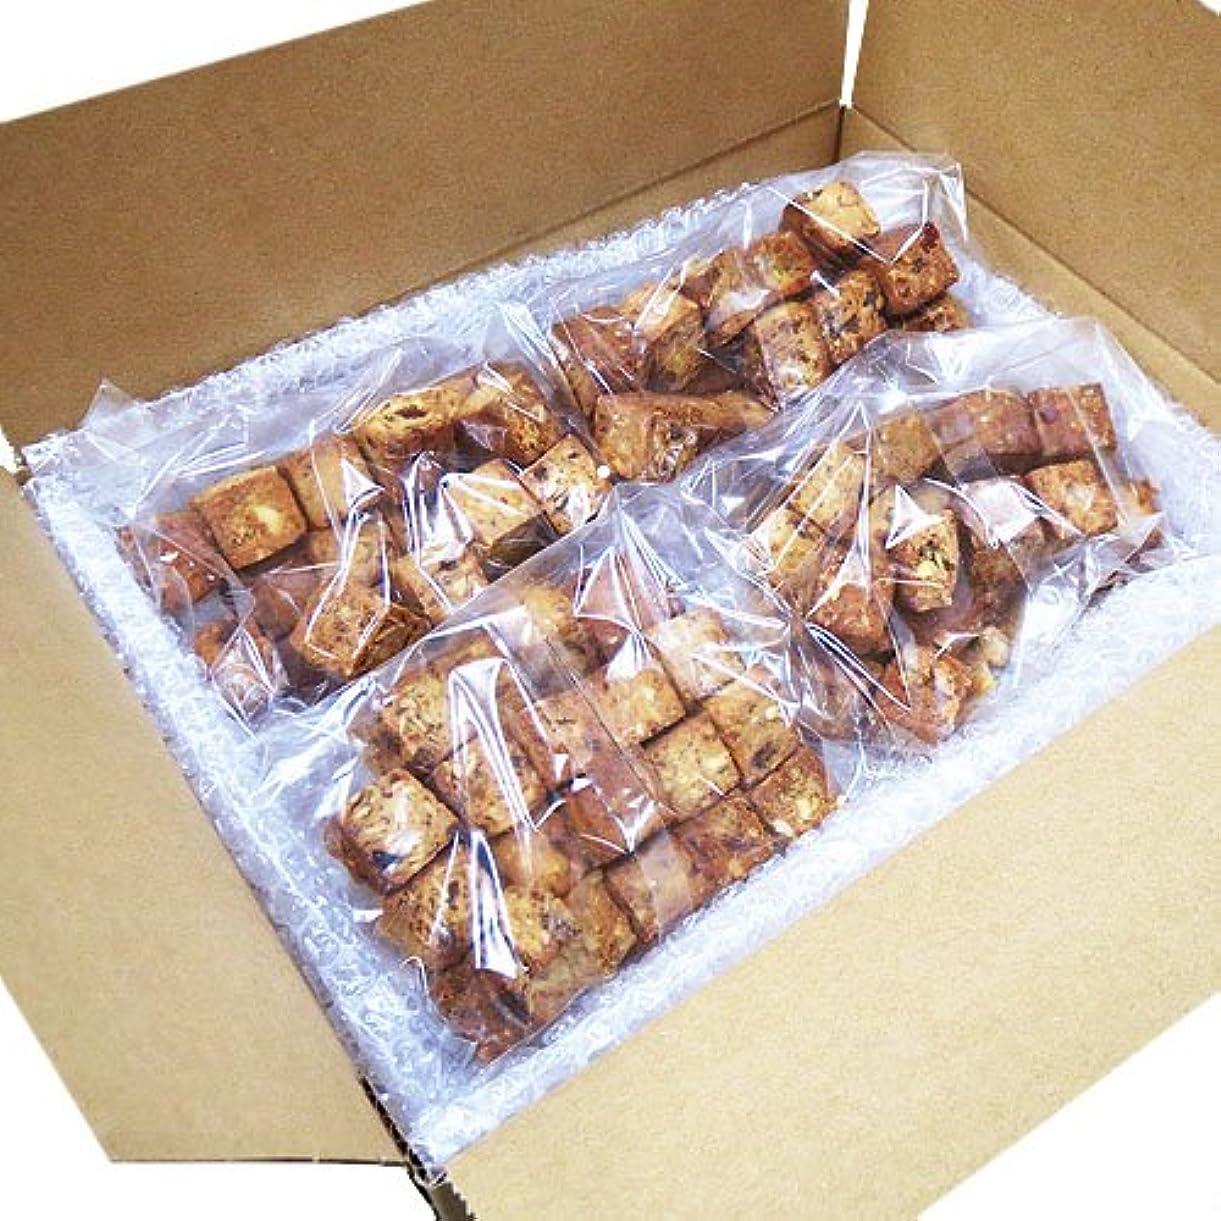 ブロンズ眉をひそめる融合蒲屋忠兵衛商店  大麦と果実のソイキューブ  800g(200g×4袋)